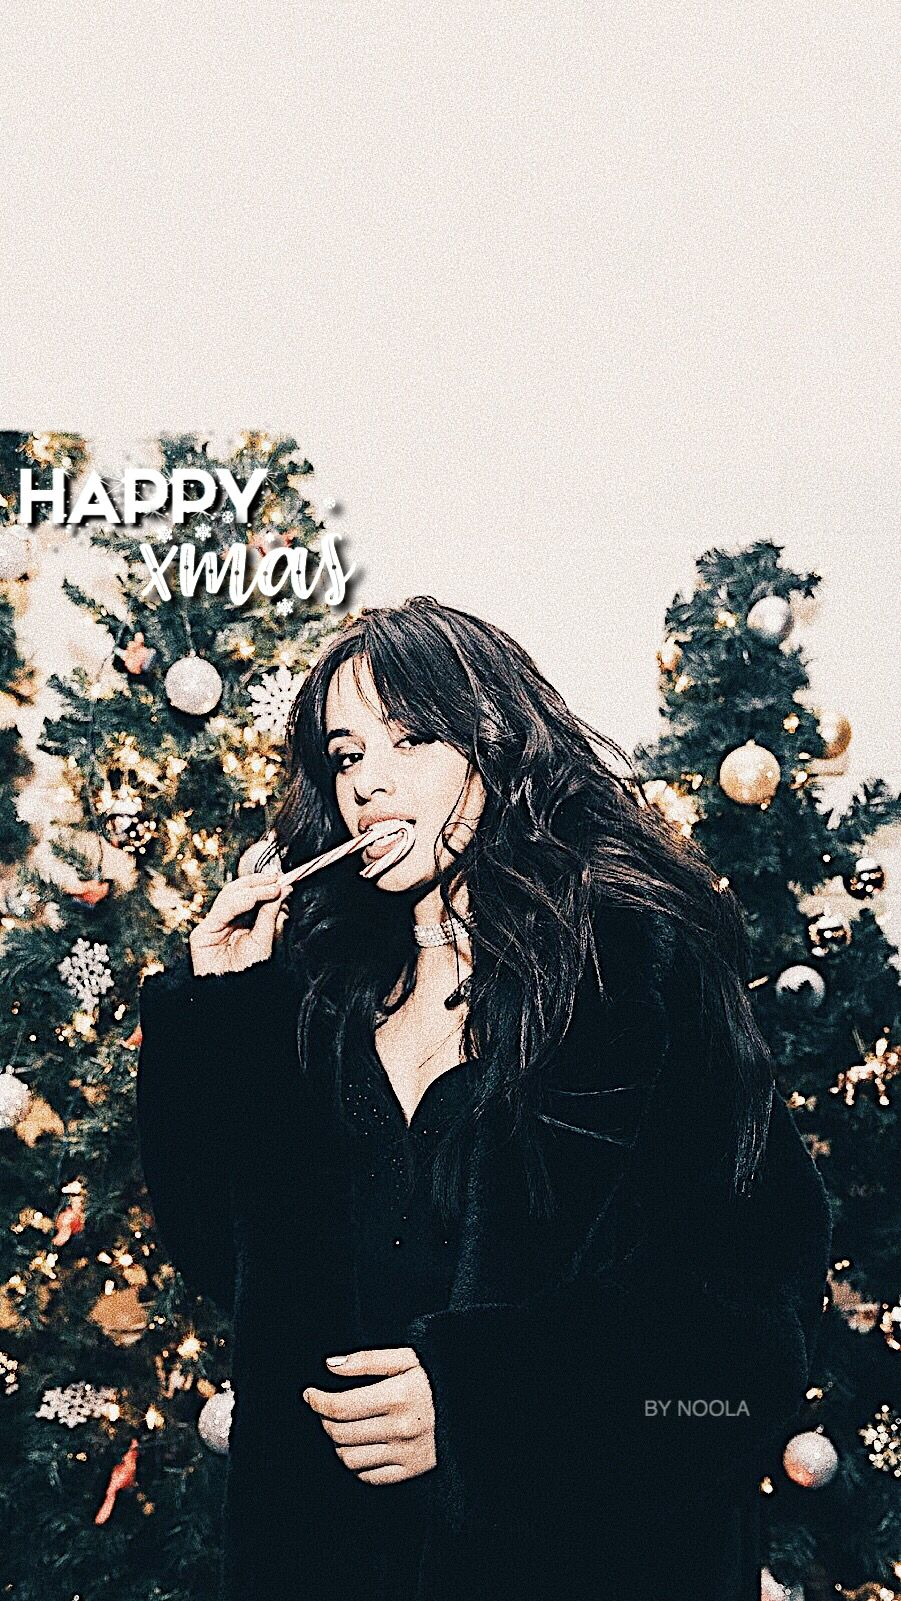 Camila Cabello Christmas Iphone Wallpaper Wallpaper Iphone Christmas Camila Cabello Christmas Lockscreen